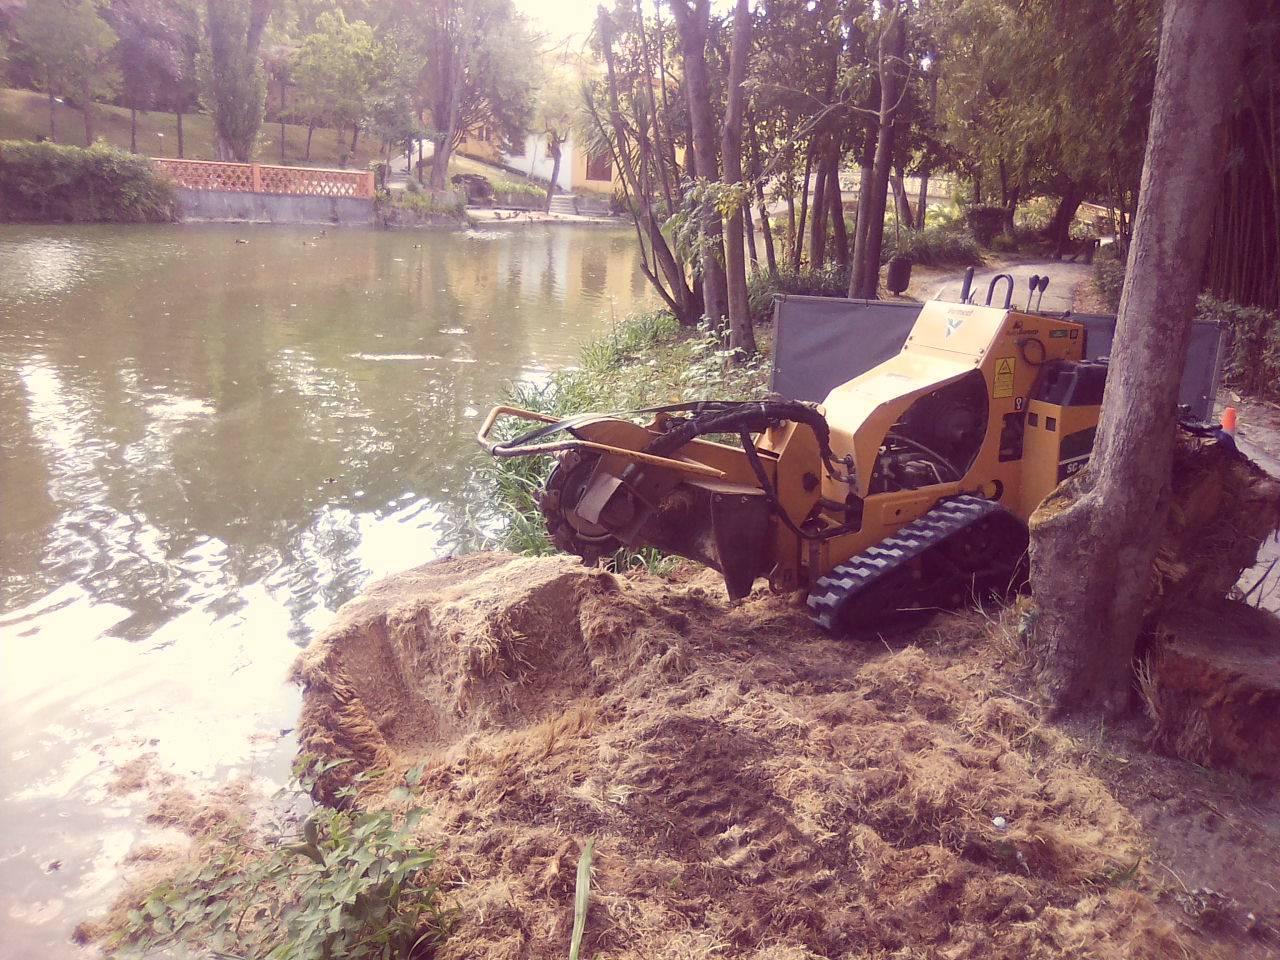 Remoção de cepos no parque da cidade - Aveiro 2019